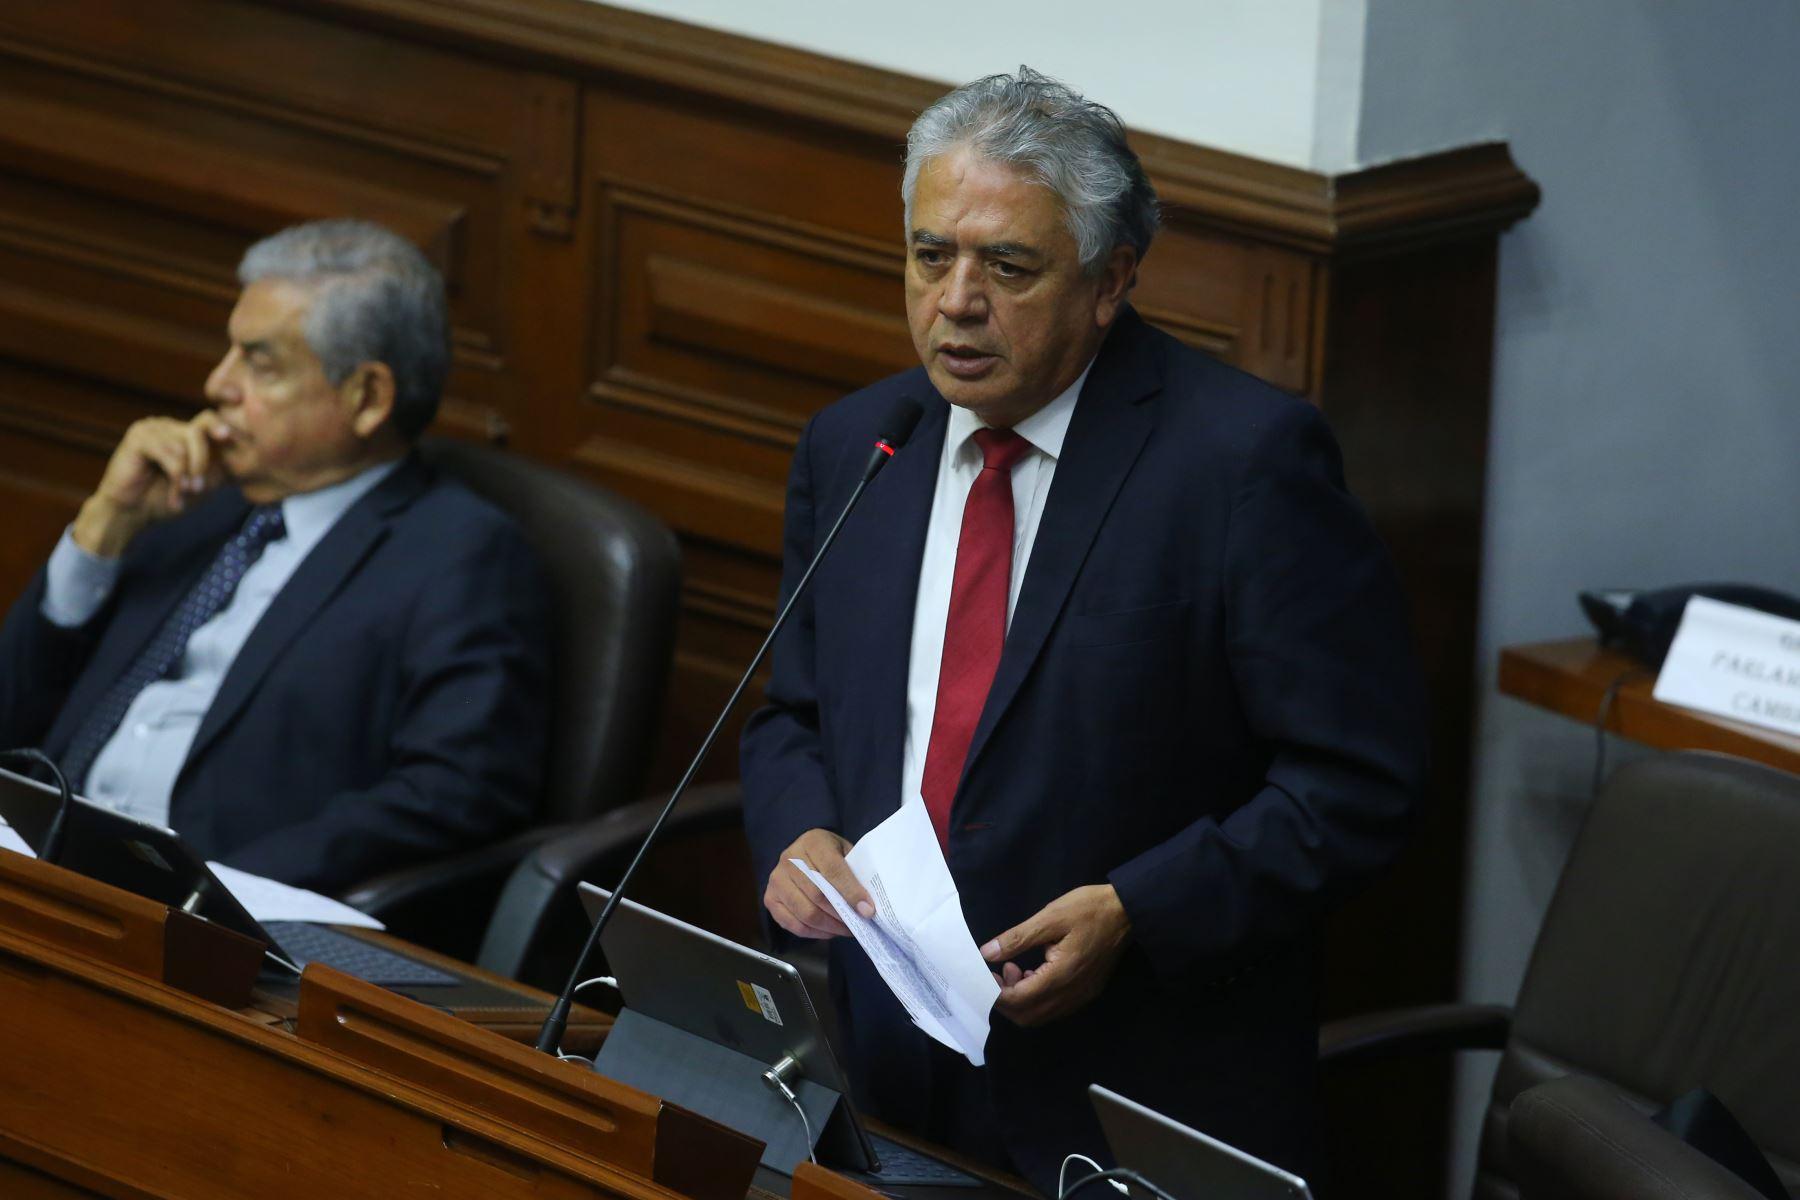 Congresista Ricardo Narváez  interviene en el debate sobre la cuestión de confianza en el Congreso de la República. Foto: ANDINA/Vidal Tarqui